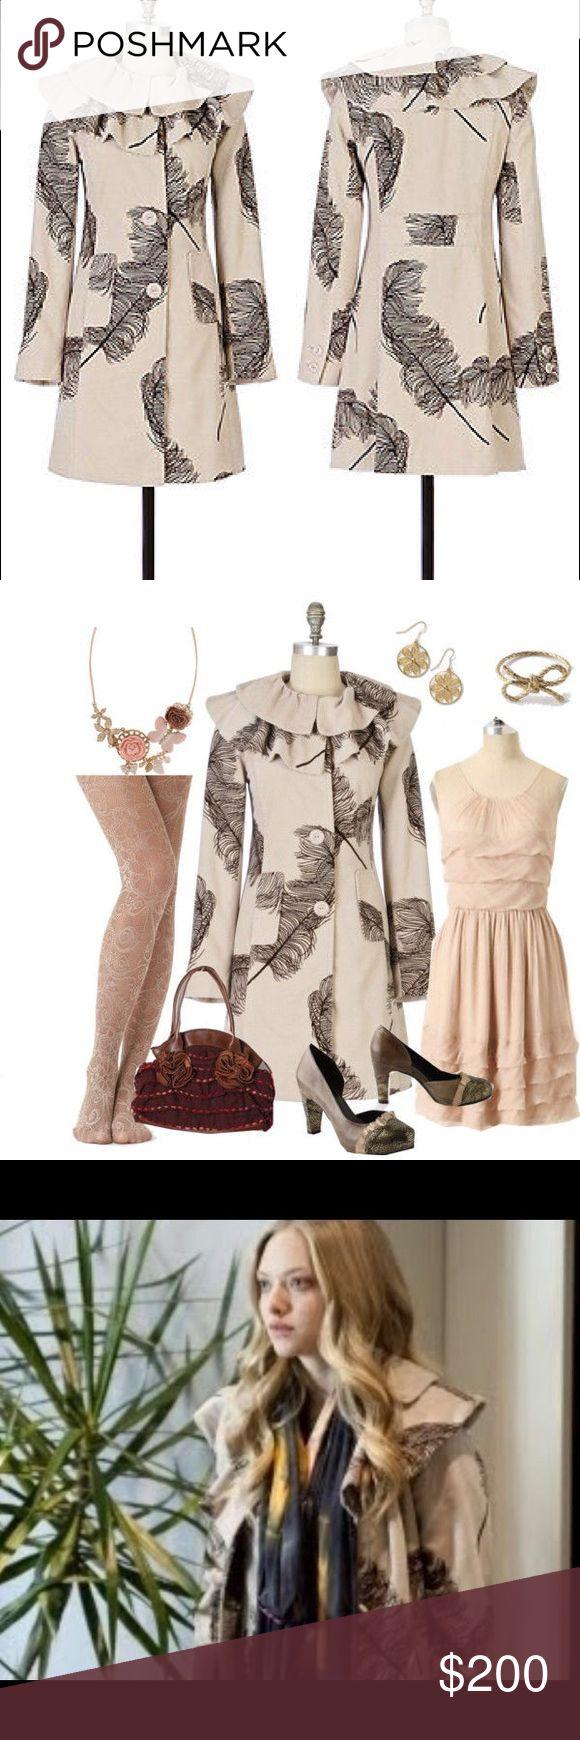 Amanda seyfried chloe fashion 35